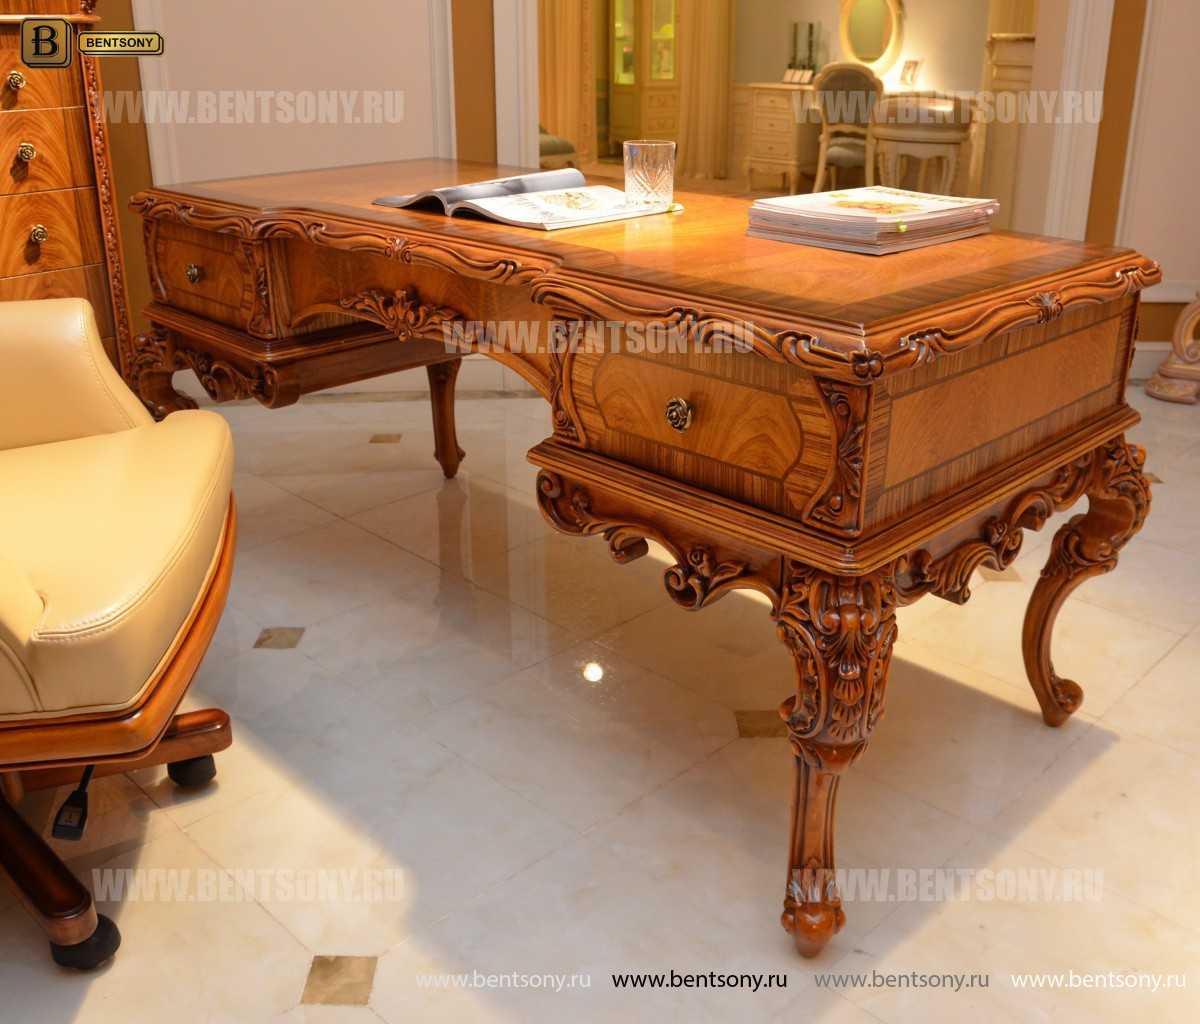 Письменный стол Белмонт (Массив дерева, классика) каталог мебели